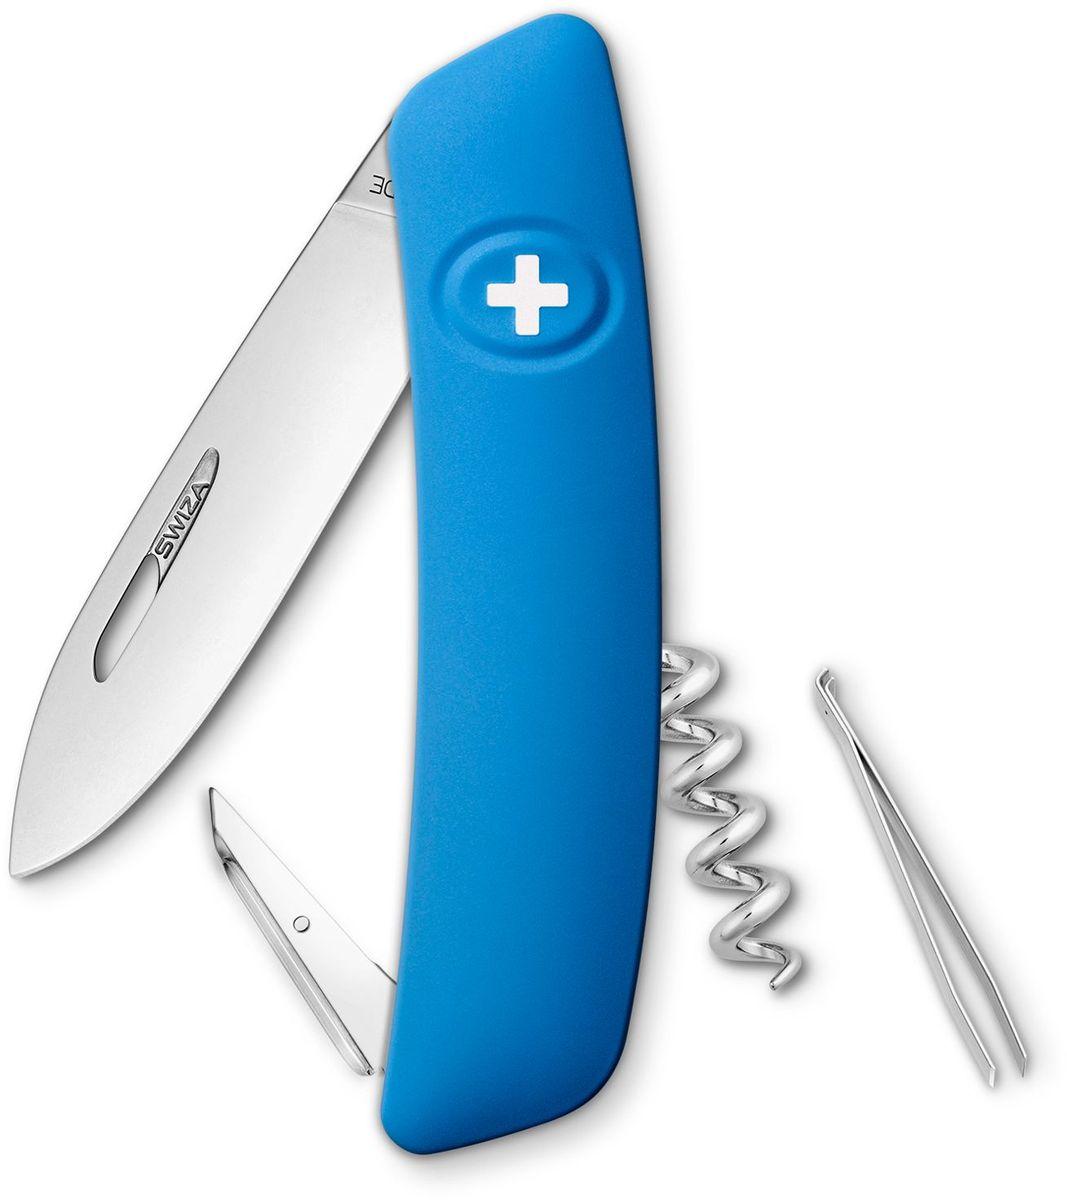 Нож швейцарский SWIZA D01, цвет: синий, длина клинка 7,5 см